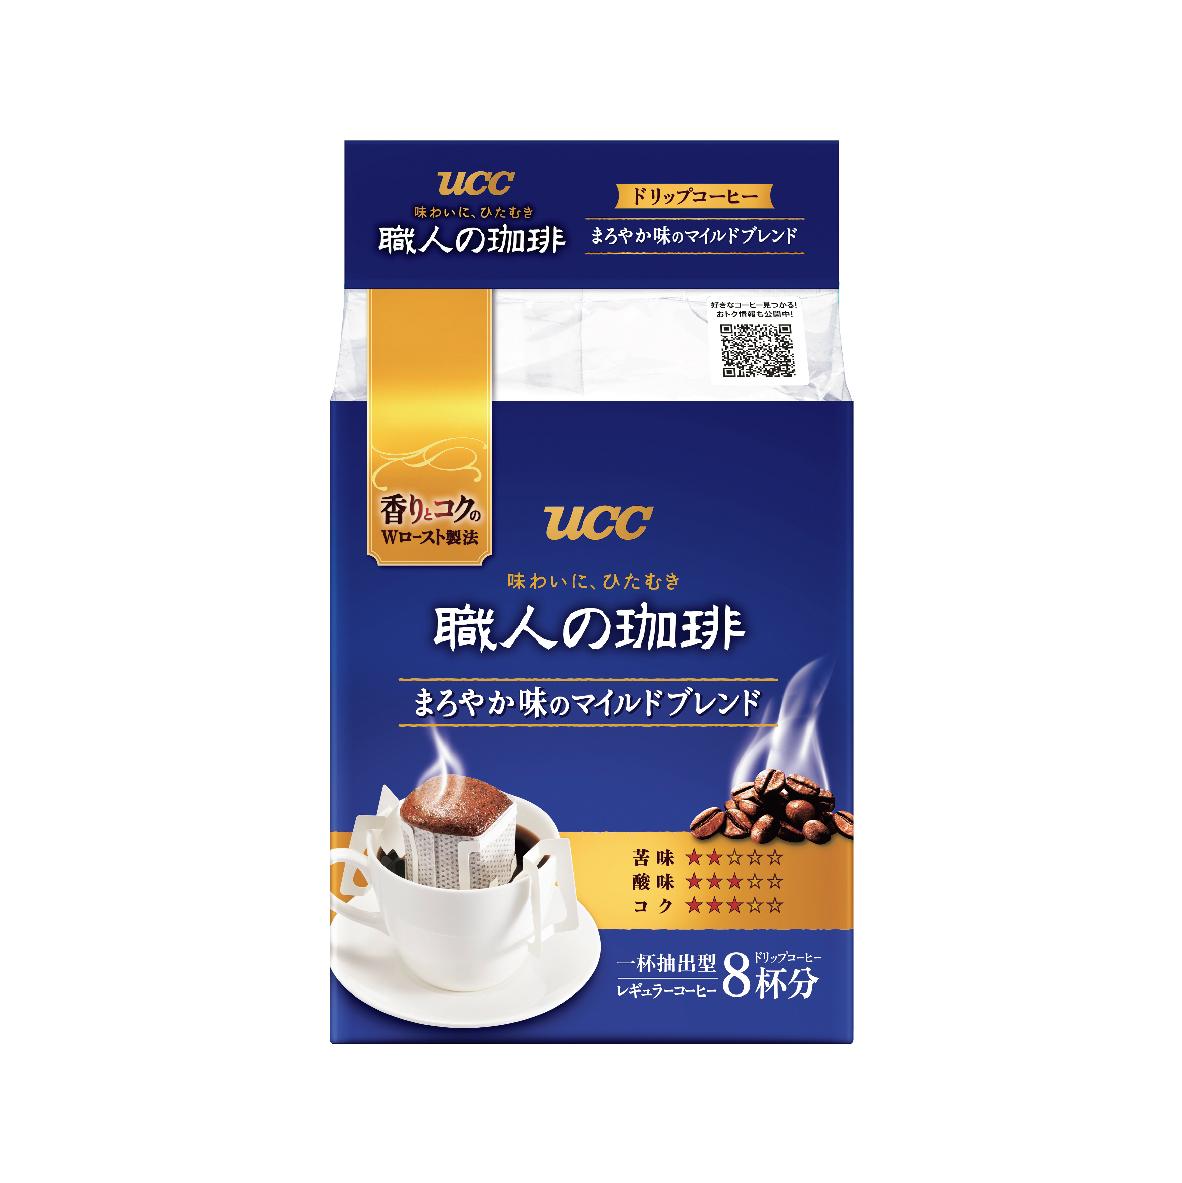 悠诗诗滴滤式职人咖啡粉(圆润柔和)